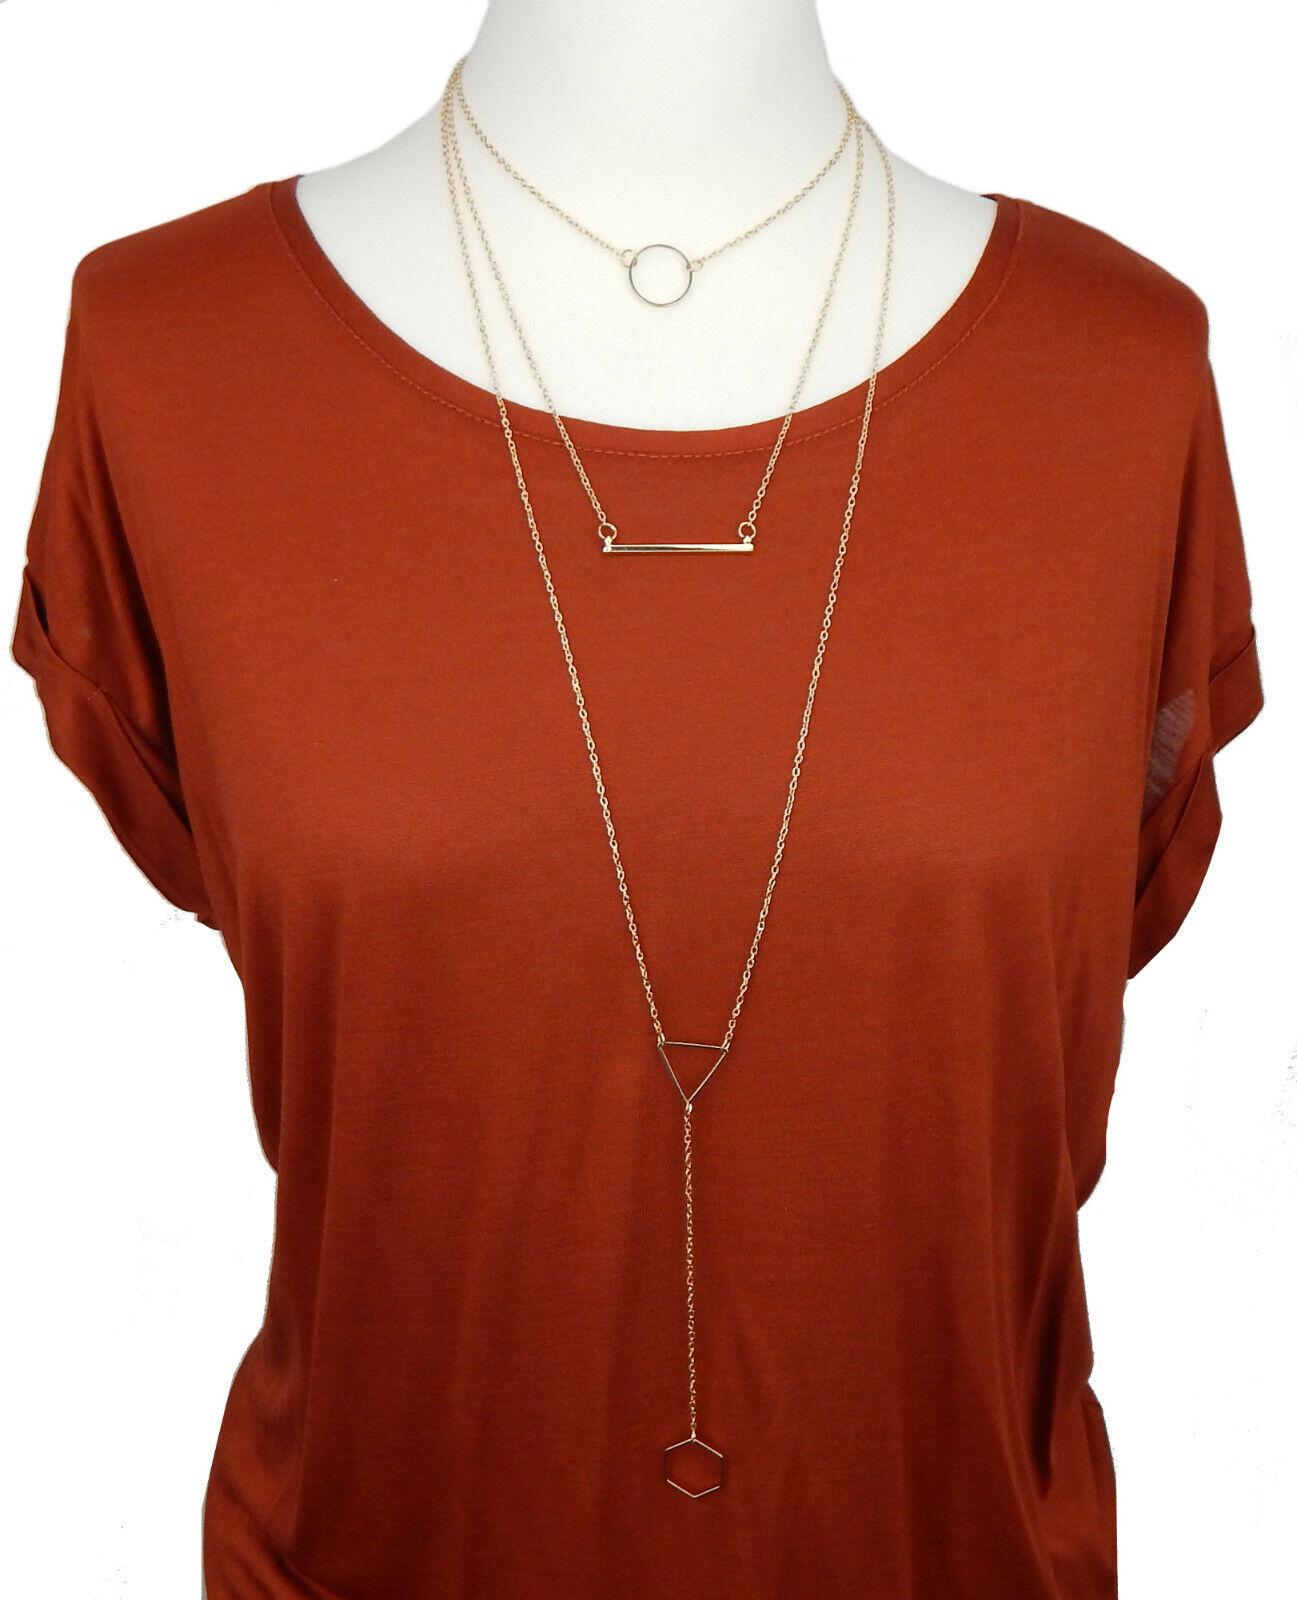 Cadena Oro Urban Chic By Ella Jonte Gráfico Diseño Largo Triple Vara Collar